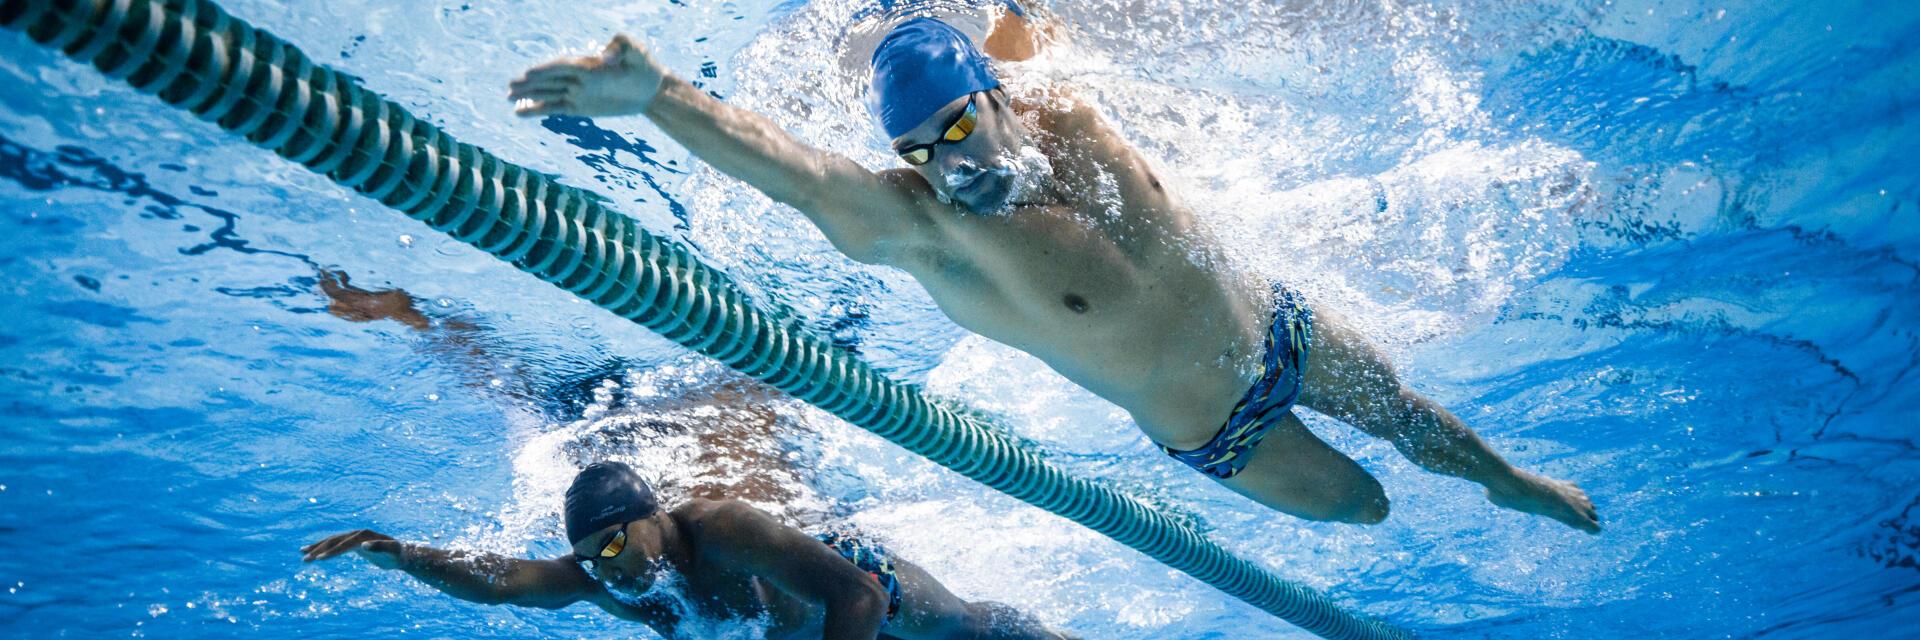 Equipement de nage en natation (maillot de bain, lunettes, bonnet de bain...)